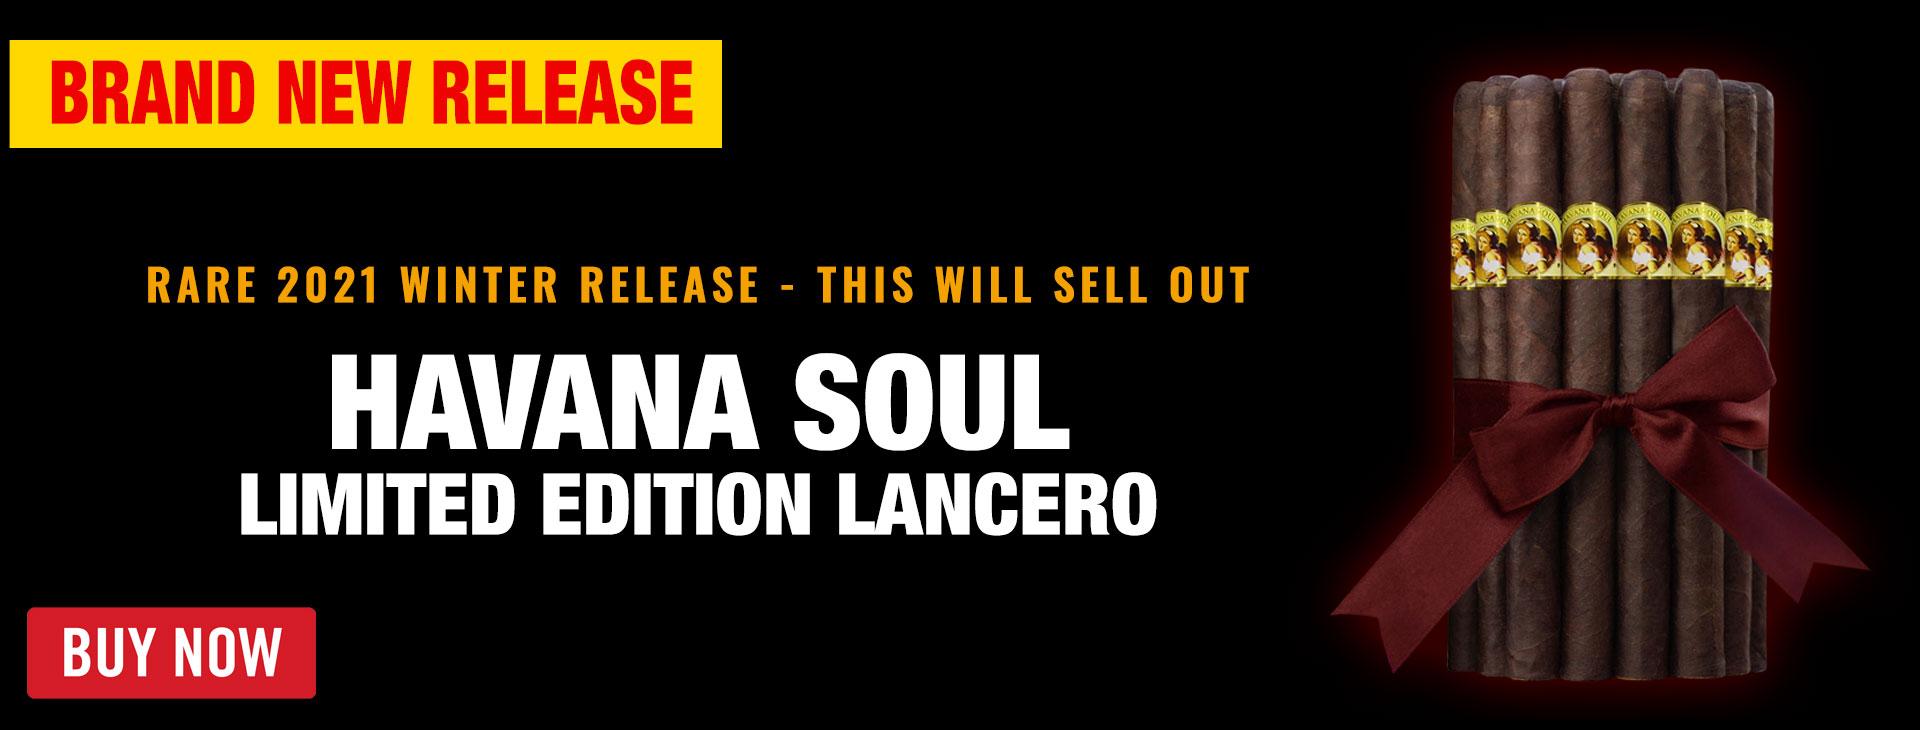 havana-soul-lancero-2021-banner.jpg